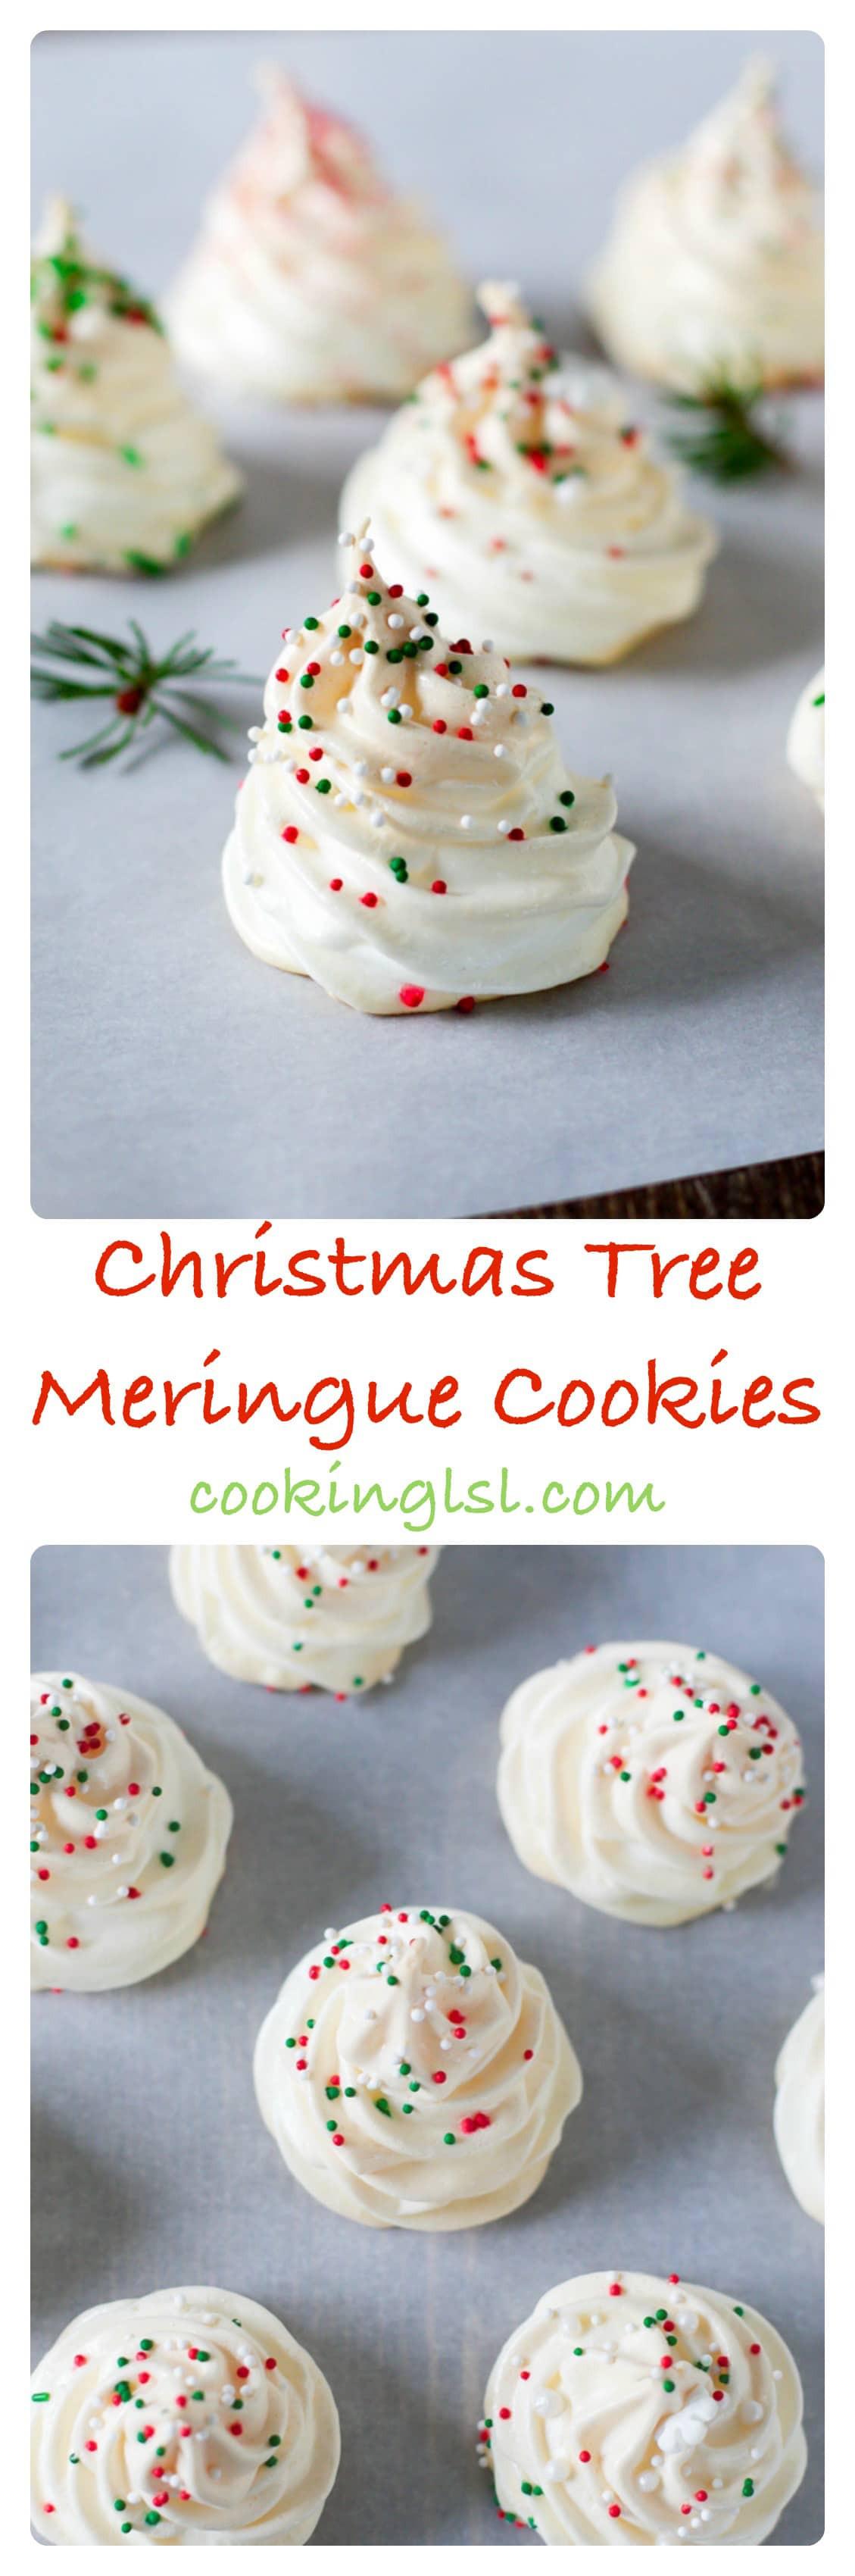 Christmas Meringue Cookies  Christmas Tree Meringue Cookies